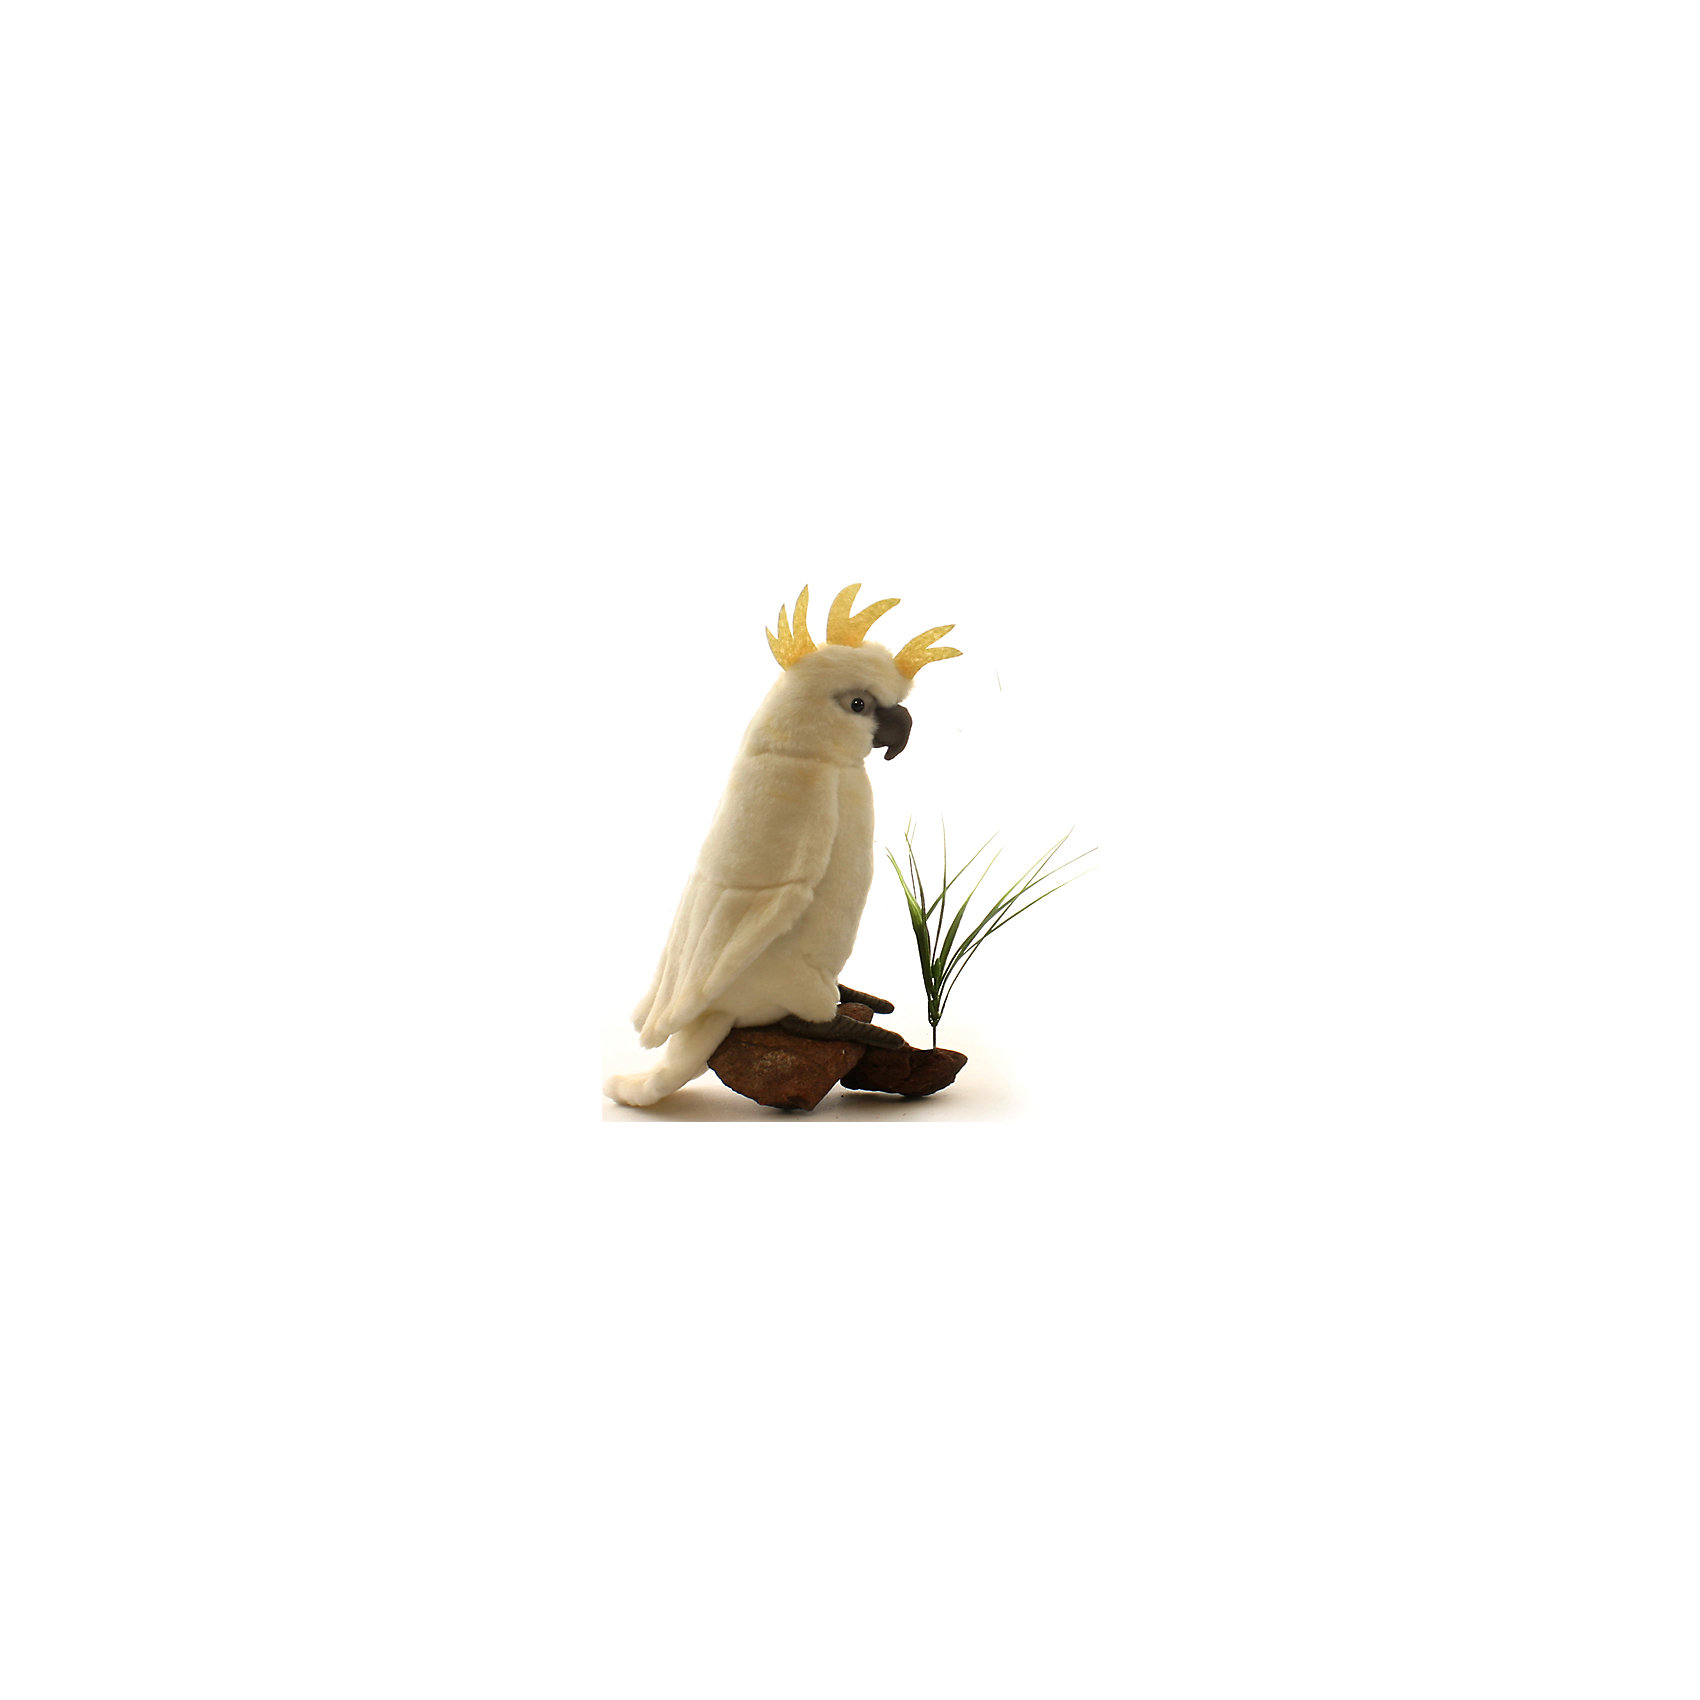 Большой белохохлый какаду, 22 смЗвери и птицы<br>Большой белохохлый какаду, 22 см – игрушка от знаменитого бренда Hansa, специализирующегося на выпуске мягких игрушек с высокой степенью натуралистичности. Внешний вид игрушечного какаду полностью соответствует реальному прототипу – попугаю какаду или альба. Он выполнен из искусственного меха молочного цвета с коротким ворсом и хохолком золотистого цвета. Использованные материалы обладают гипоаллергенными свойствами. Внутри игрушки имеется металлический каркас, позволяющий изменять положение. <br>Игрушка относится к серии Лесные птицы. <br>Мягкие игрушки от Hansa подходят для сюжетно-ролевых игр, для обучающих игр, направленных на знакомство с животным миром дикой природы. Кроме того, их можно использовать в качестве интерьерных игрушек. Коллекция из нескольких игрушек позволяет создать свой домашний зоопарк, который будет радовать вашего ребенка долгое время, так как ручная работа и качественные материалы гарантируют их долговечность и прочность.<br><br>Дополнительная информация:<br><br>- Вид игр: сюжетно-ролевые игры, коллекционирование, интерьерные игрушки<br>- Предназначение: для дома, для детских развивающих центров, для детских садов<br>- Материал: искусственный мех, наполнитель ? полиэфирное волокно<br>- Размер (ДхШхВ): 19*22*9 см<br>- Вес: 420 г<br>- Особенности ухода: сухая чистка при помощи пылесоса или щетки для одежды<br><br>Подробнее:<br><br>• Для детей в возрасте: от 3 лет <br>• Страна производитель: Филиппины<br>• Торговый бренд: Hansa<br><br>Большого белохохлого какаду, 22 см можно купить в нашем интернет-магазине.<br><br>Ширина мм: 19<br>Глубина мм: 22<br>Высота мм: 9<br>Вес г: 420<br>Возраст от месяцев: 36<br>Возраст до месяцев: 2147483647<br>Пол: Унисекс<br>Возраст: Детский<br>SKU: 4927167